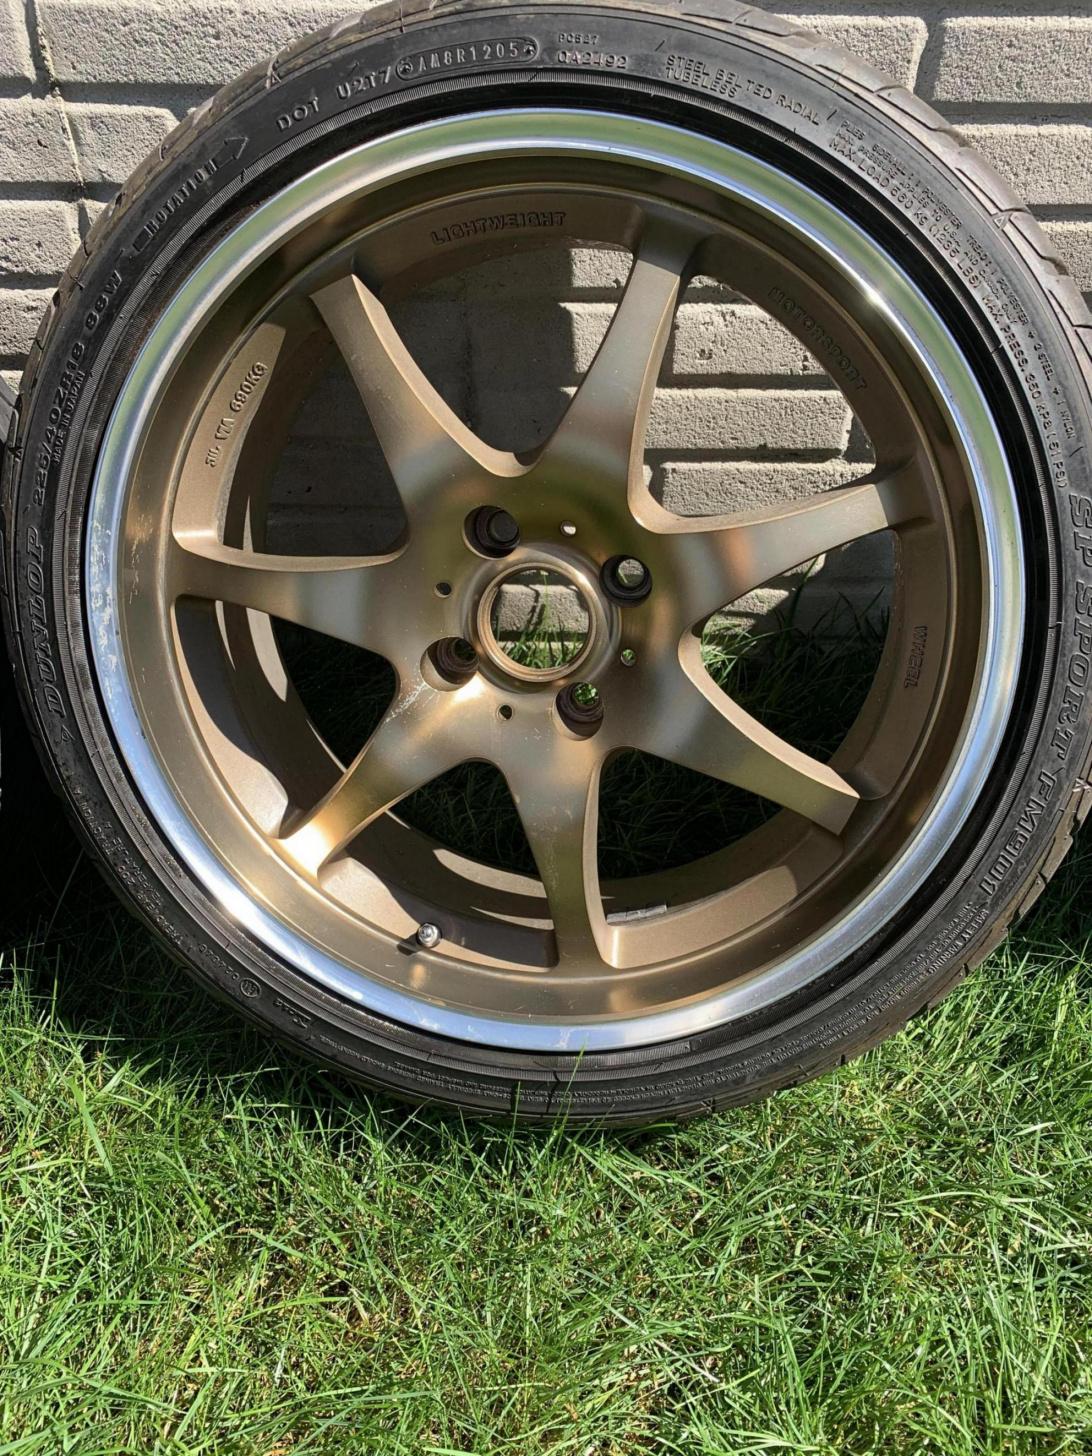 18 inch konig next copper wheels-faf23e3f-ae81-4653-a9e2-b7bd1304b4ff_1560283736423.jpg